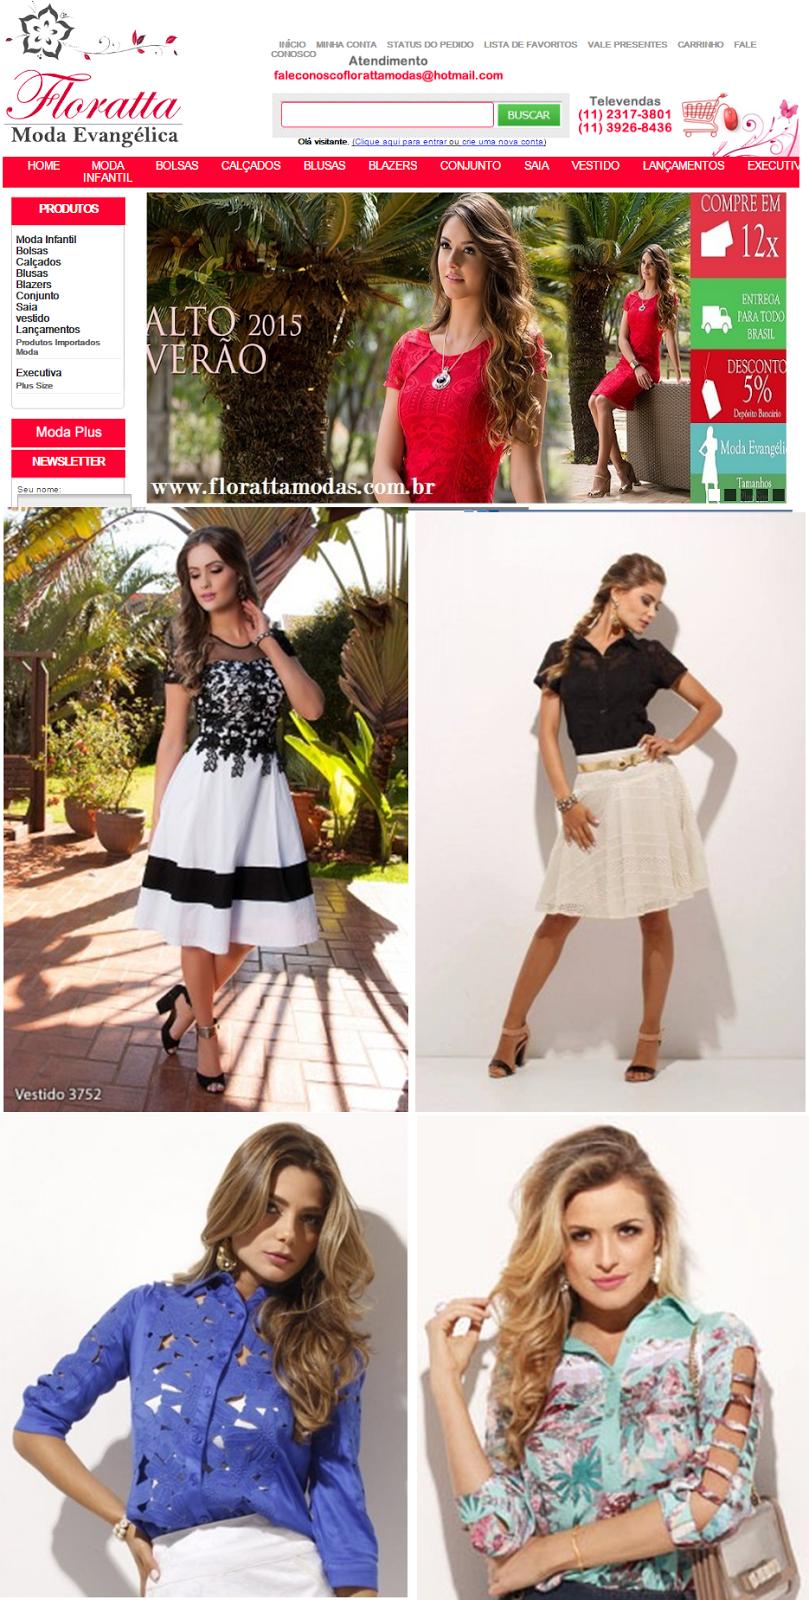 3a7aff114b Compre Moda Evangélica Online - Conheça 9 Ótimas Lojas Virtuais de ...